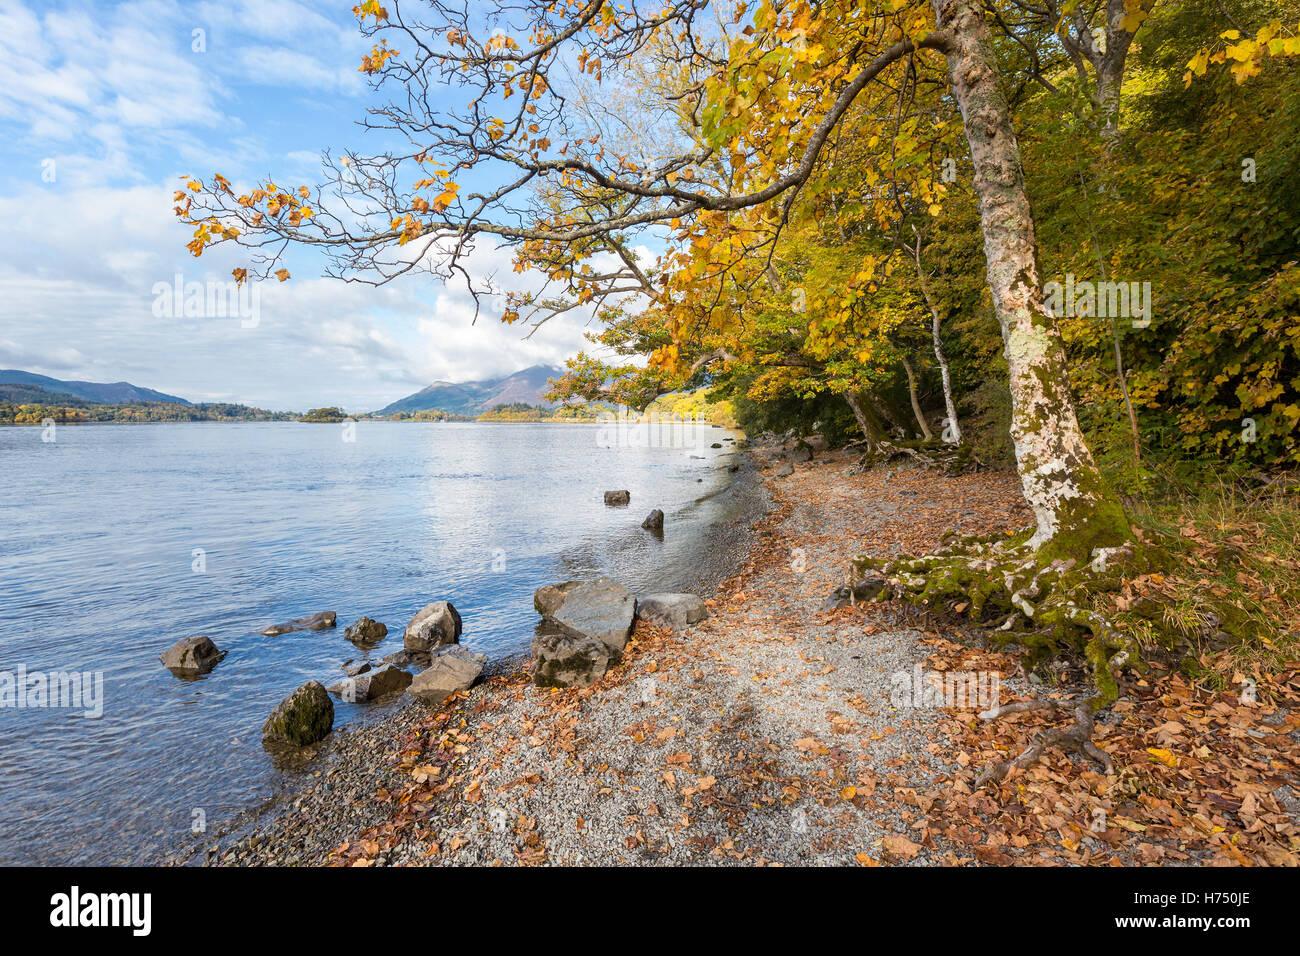 Alberi autunnali sulla riva del Derwent Water, una popolare destinazione turistica nel Lake District inglese. Immagini Stock